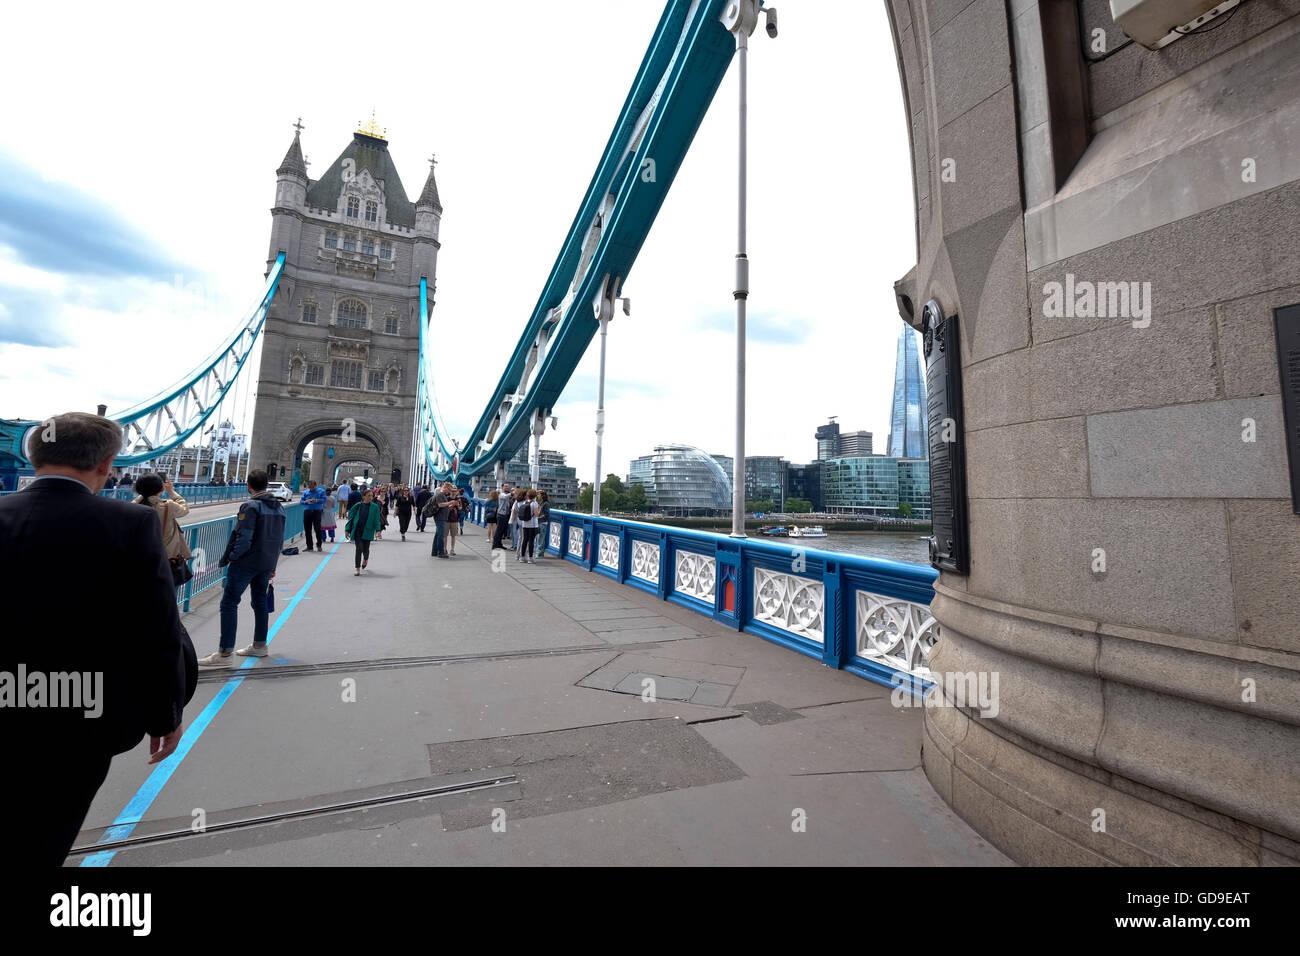 Los peatones pasando por debajo de una torre en el Puente de Londres con la otra torre en el fondo Imagen De Stock